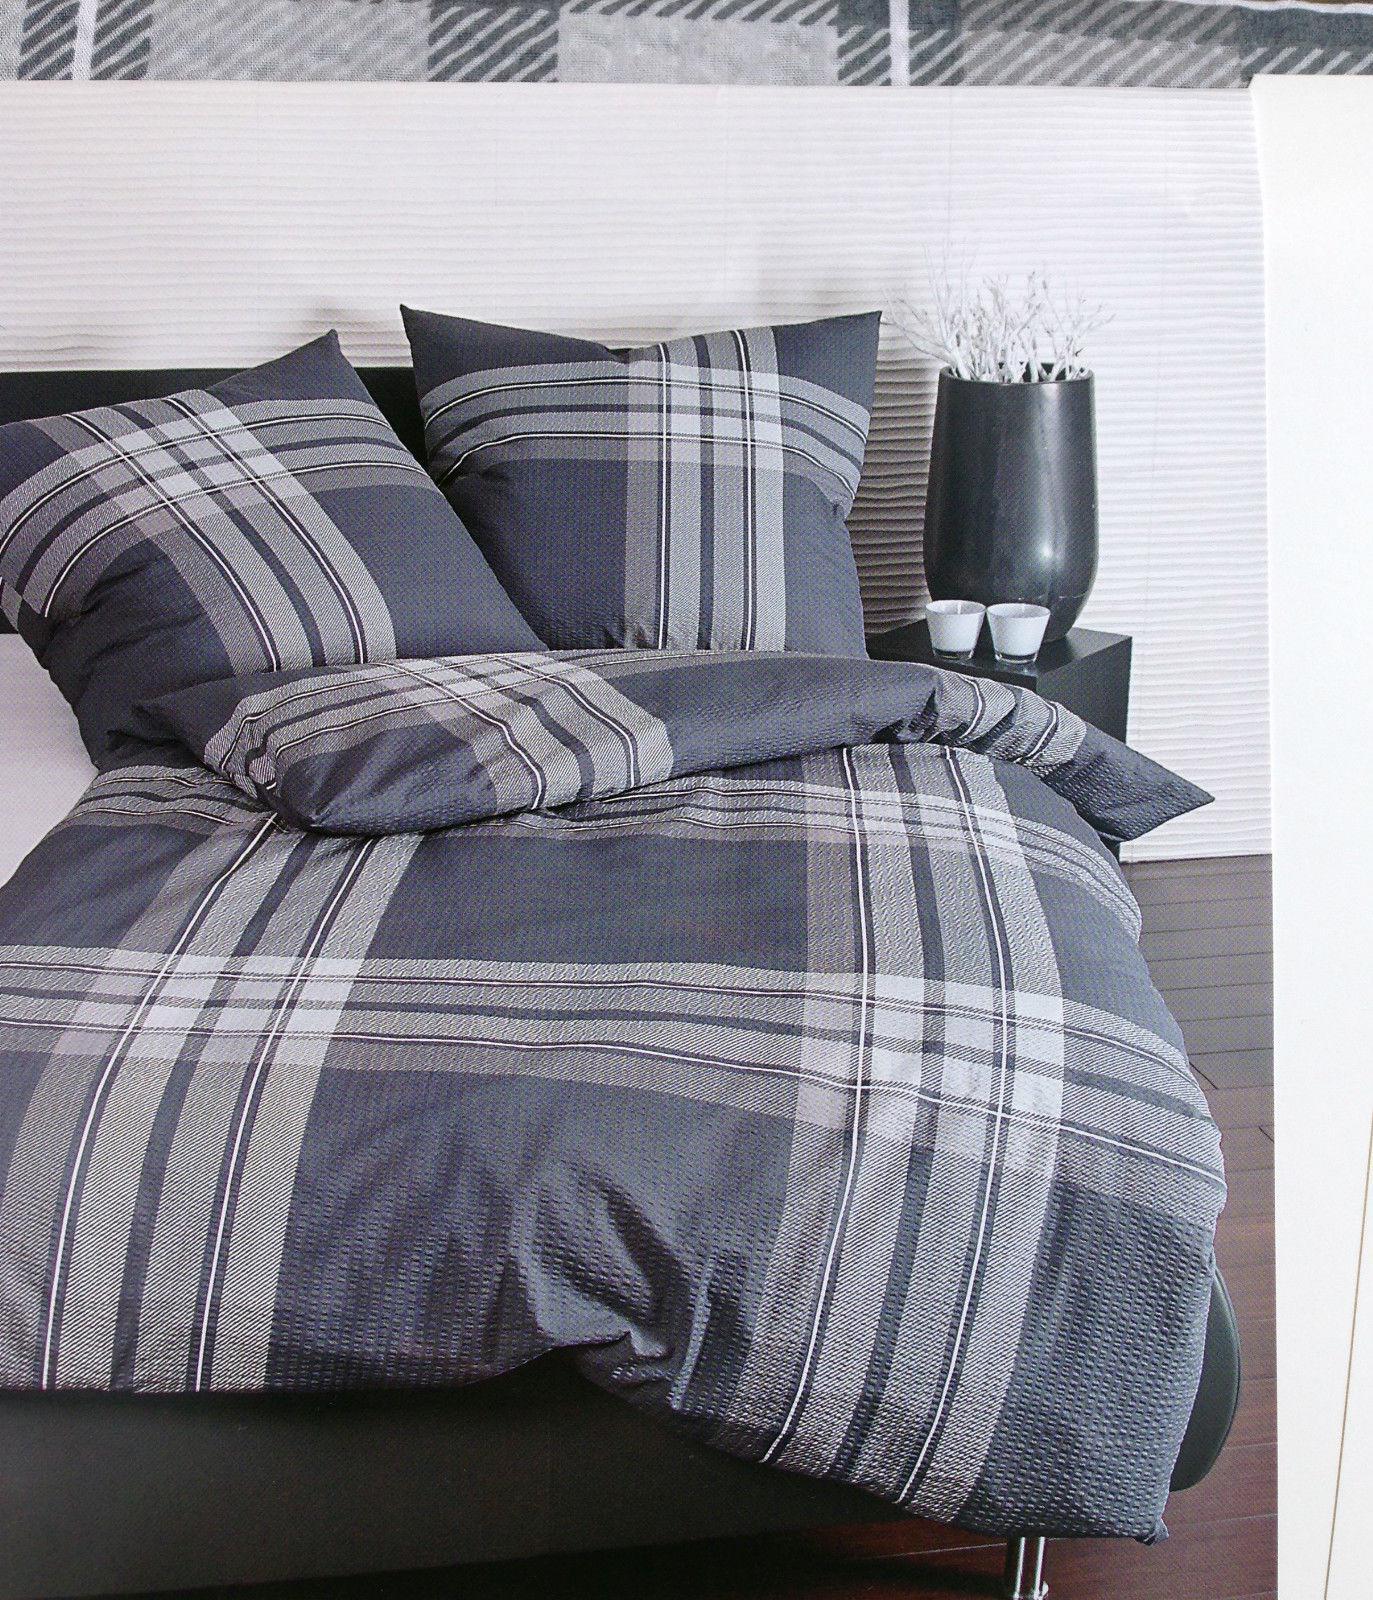 bettw sche grau kariert m belideen. Black Bedroom Furniture Sets. Home Design Ideas